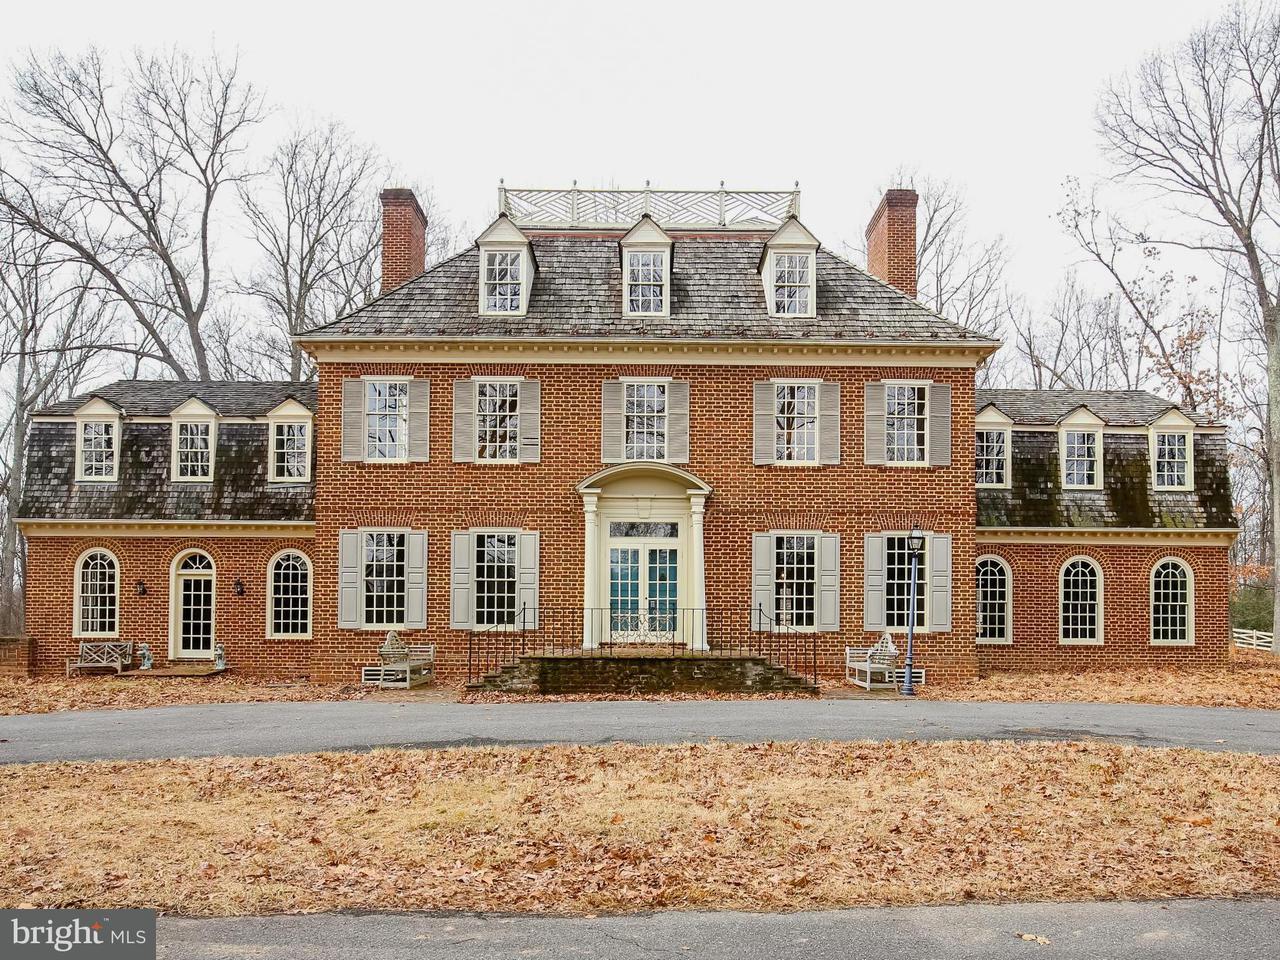 Частный односемейный дом для того Продажа на 13300 MANOR STONE Drive 13300 MANOR STONE Drive Darnestown, Мэриленд 20874 Соединенные Штаты